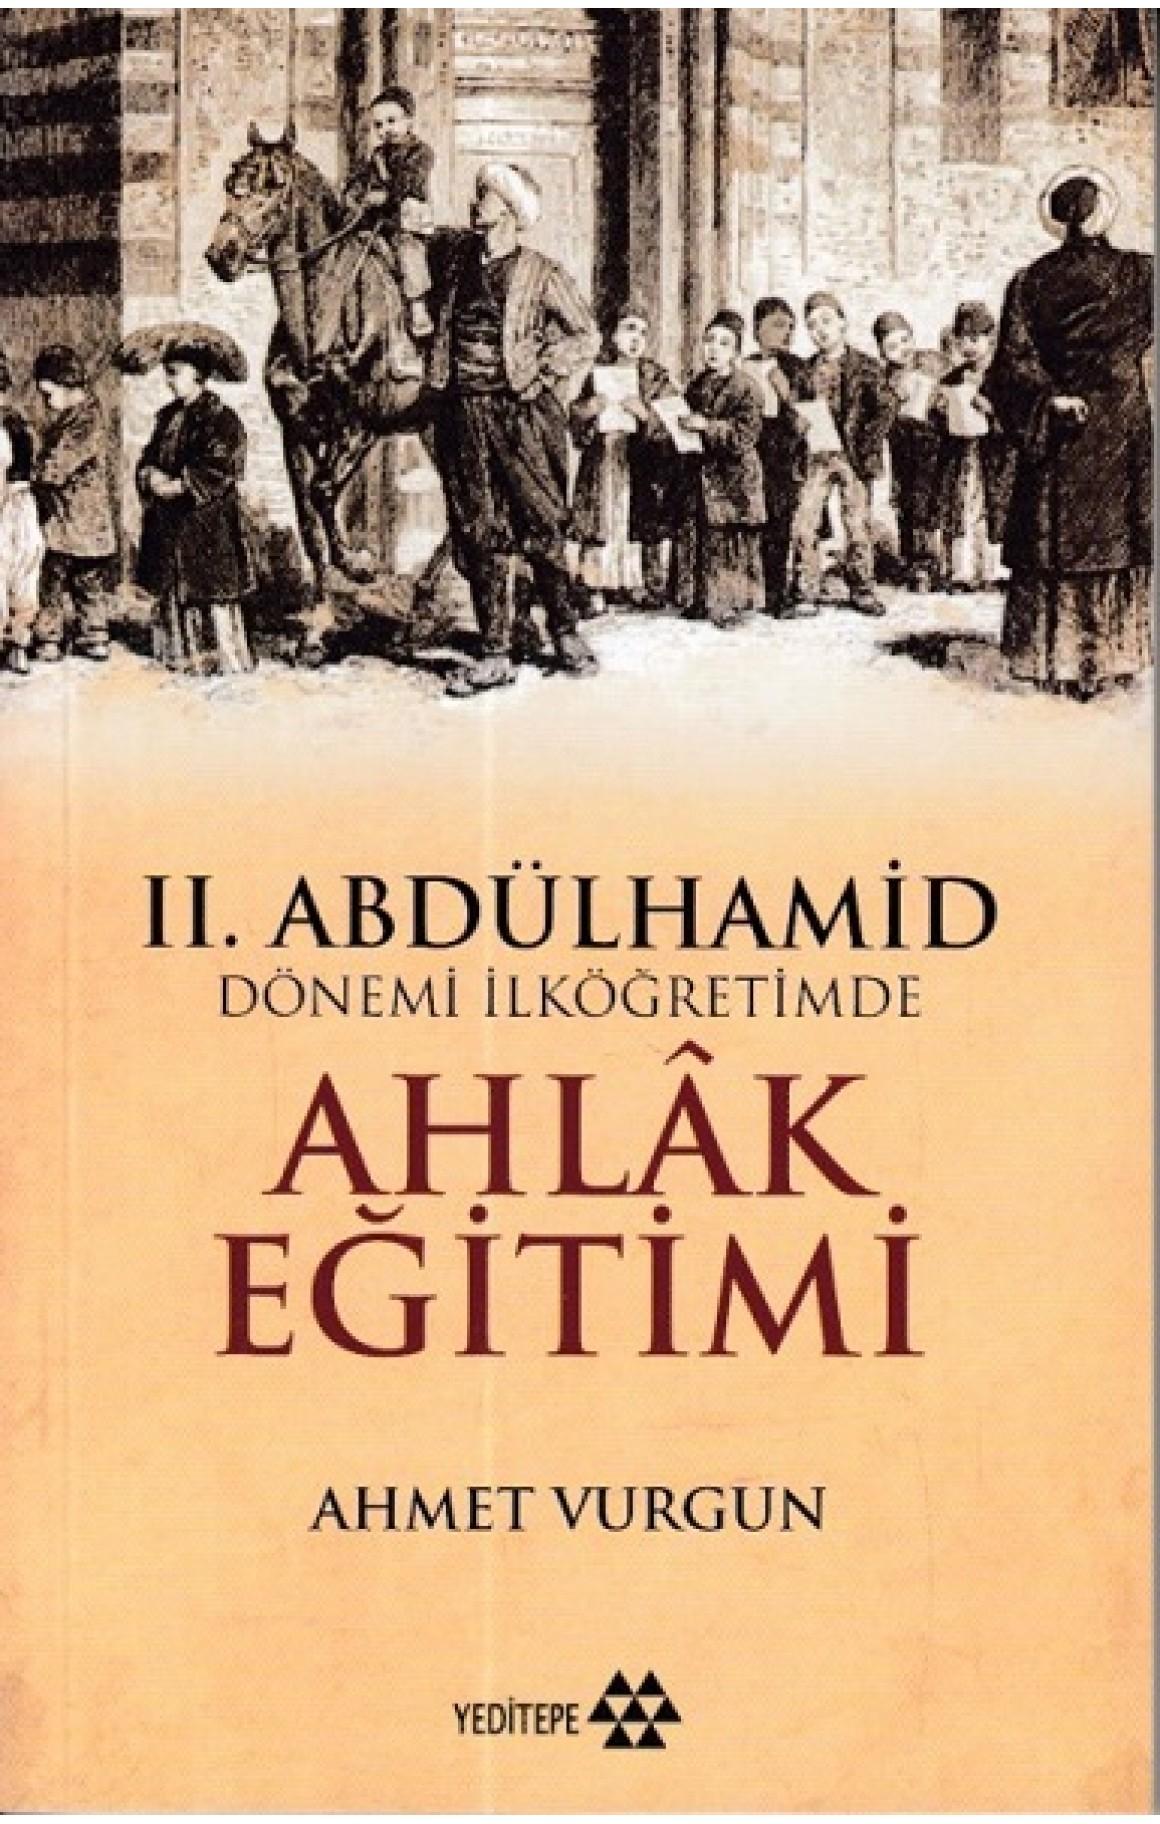 2.Abdülhamid Dönemi İlköğretimde Ahlak Eğitimi